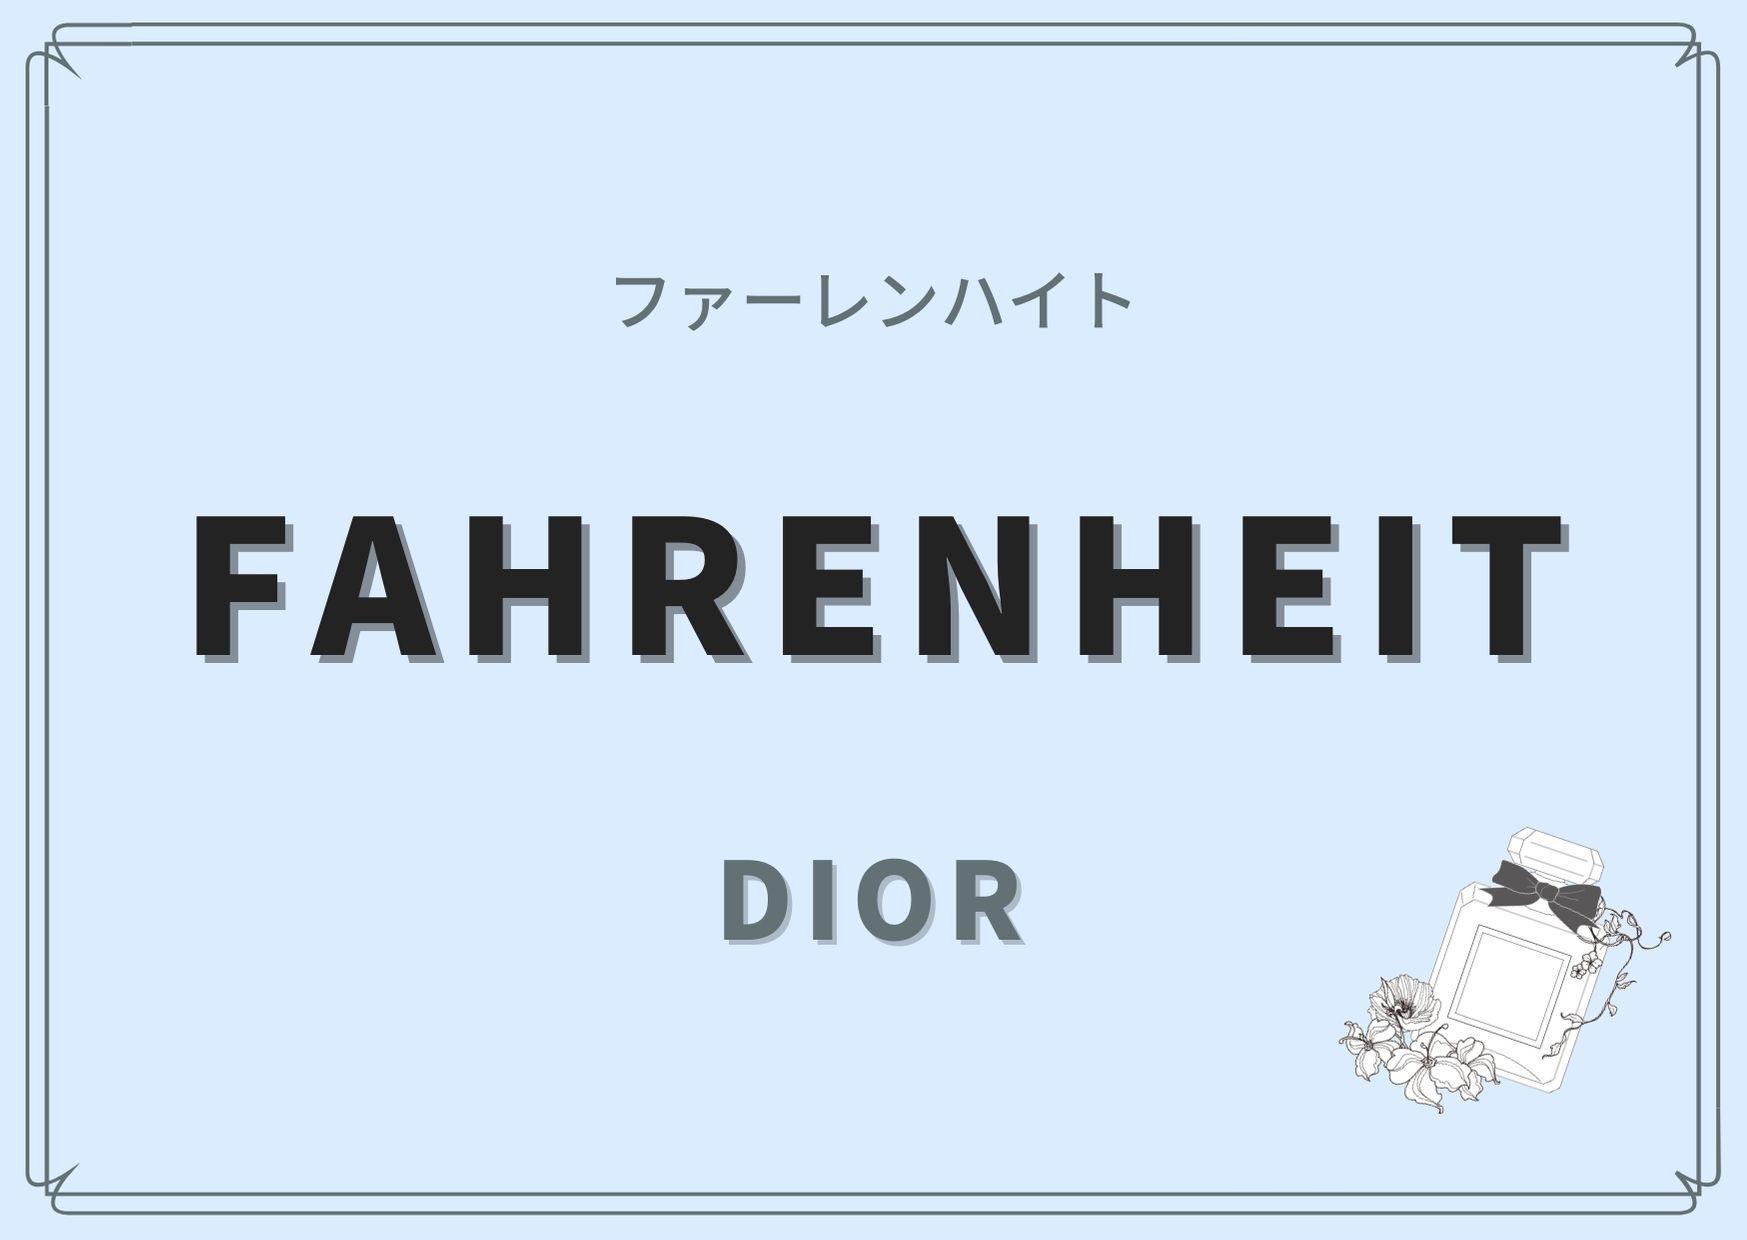 FAHRENHEIT(ファーレンハイト)/DIOR(ディオール)